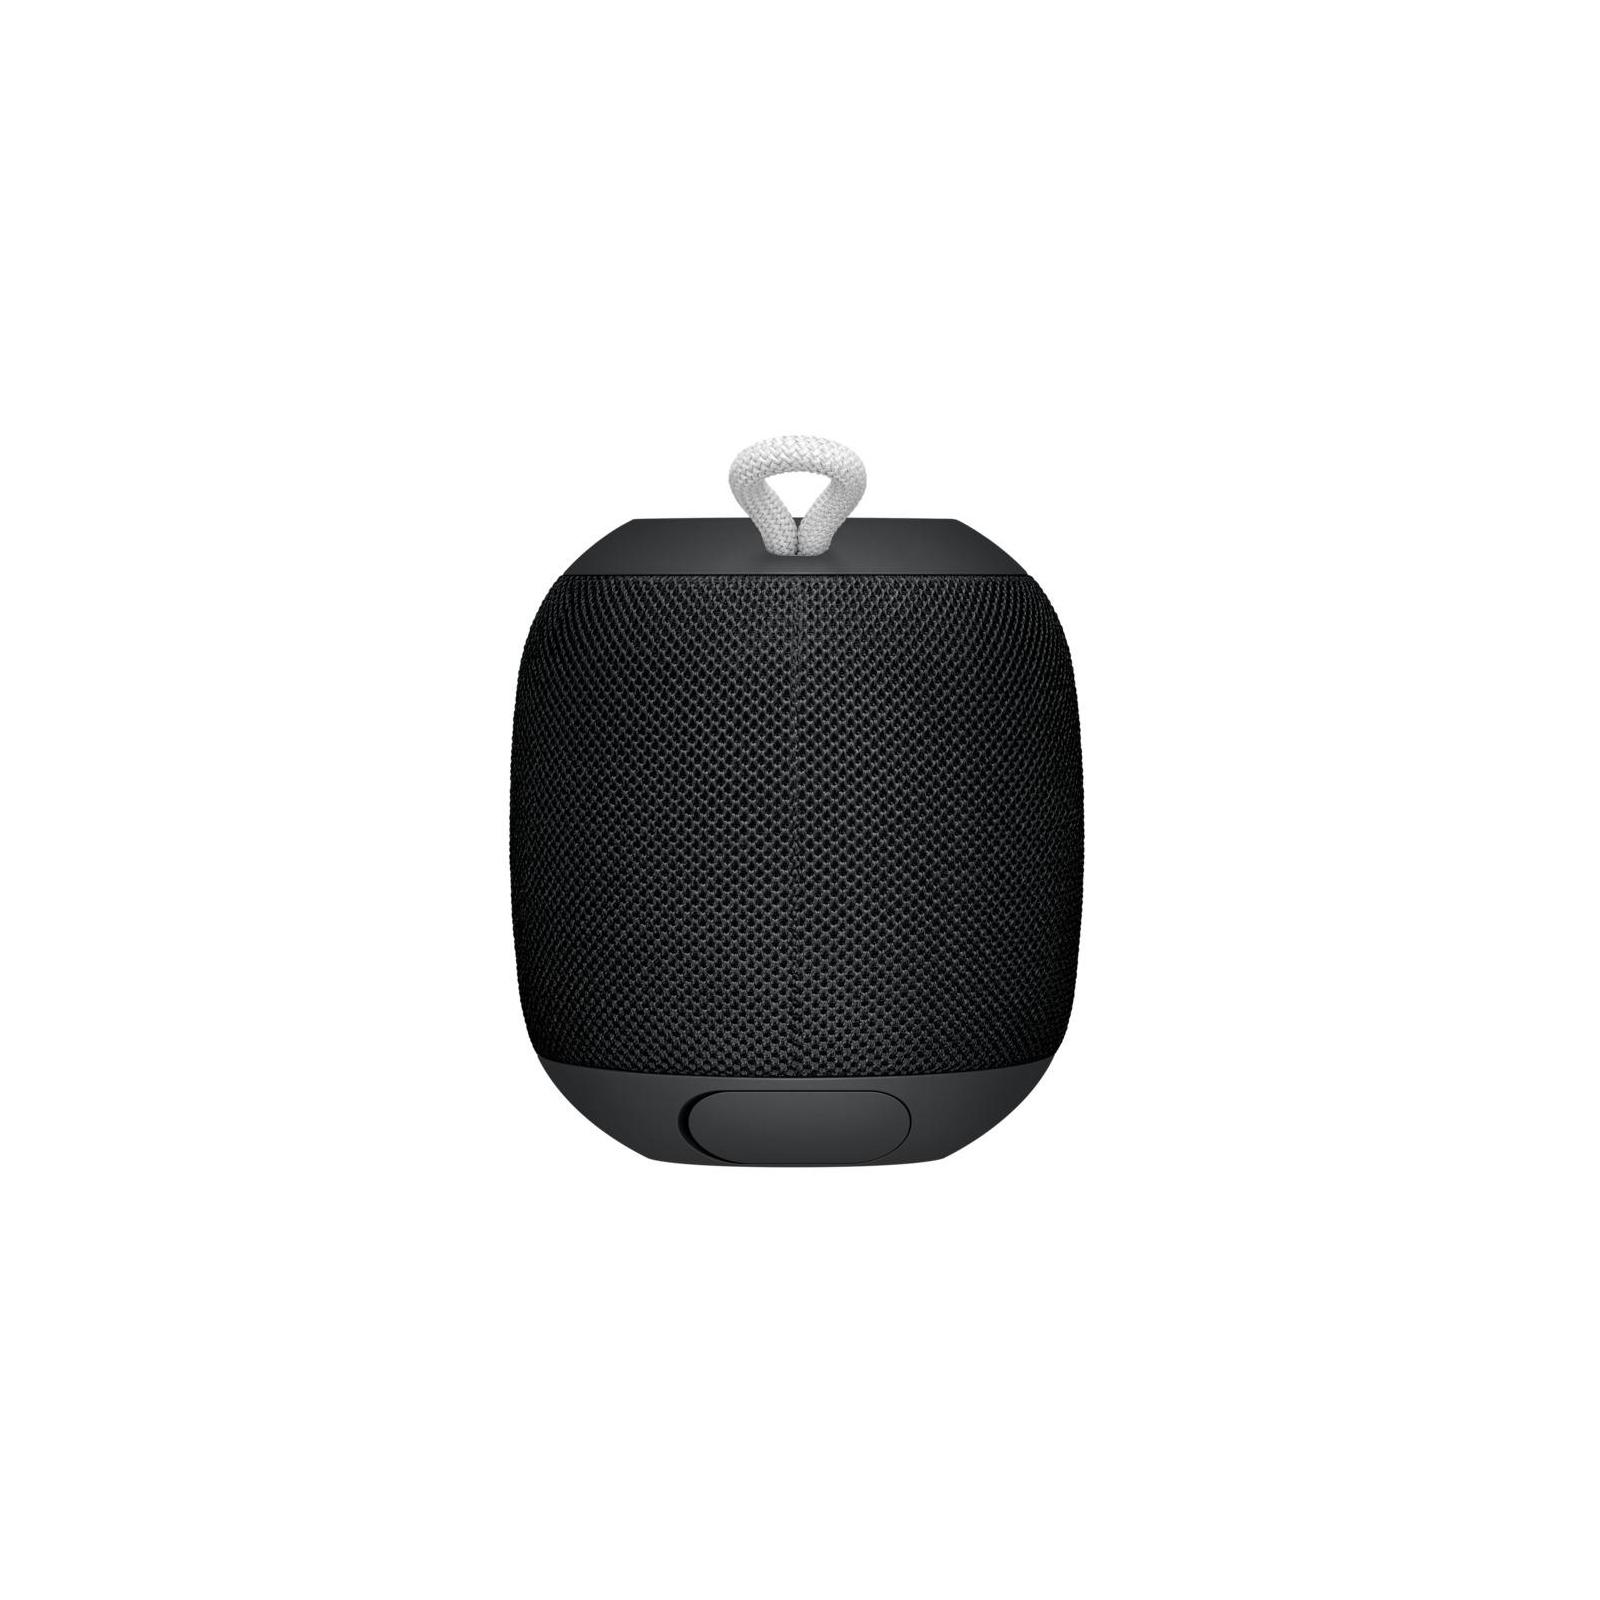 Акустическая система Ultimate Ears Wonderboom Phantom Black (984-000851) изображение 3